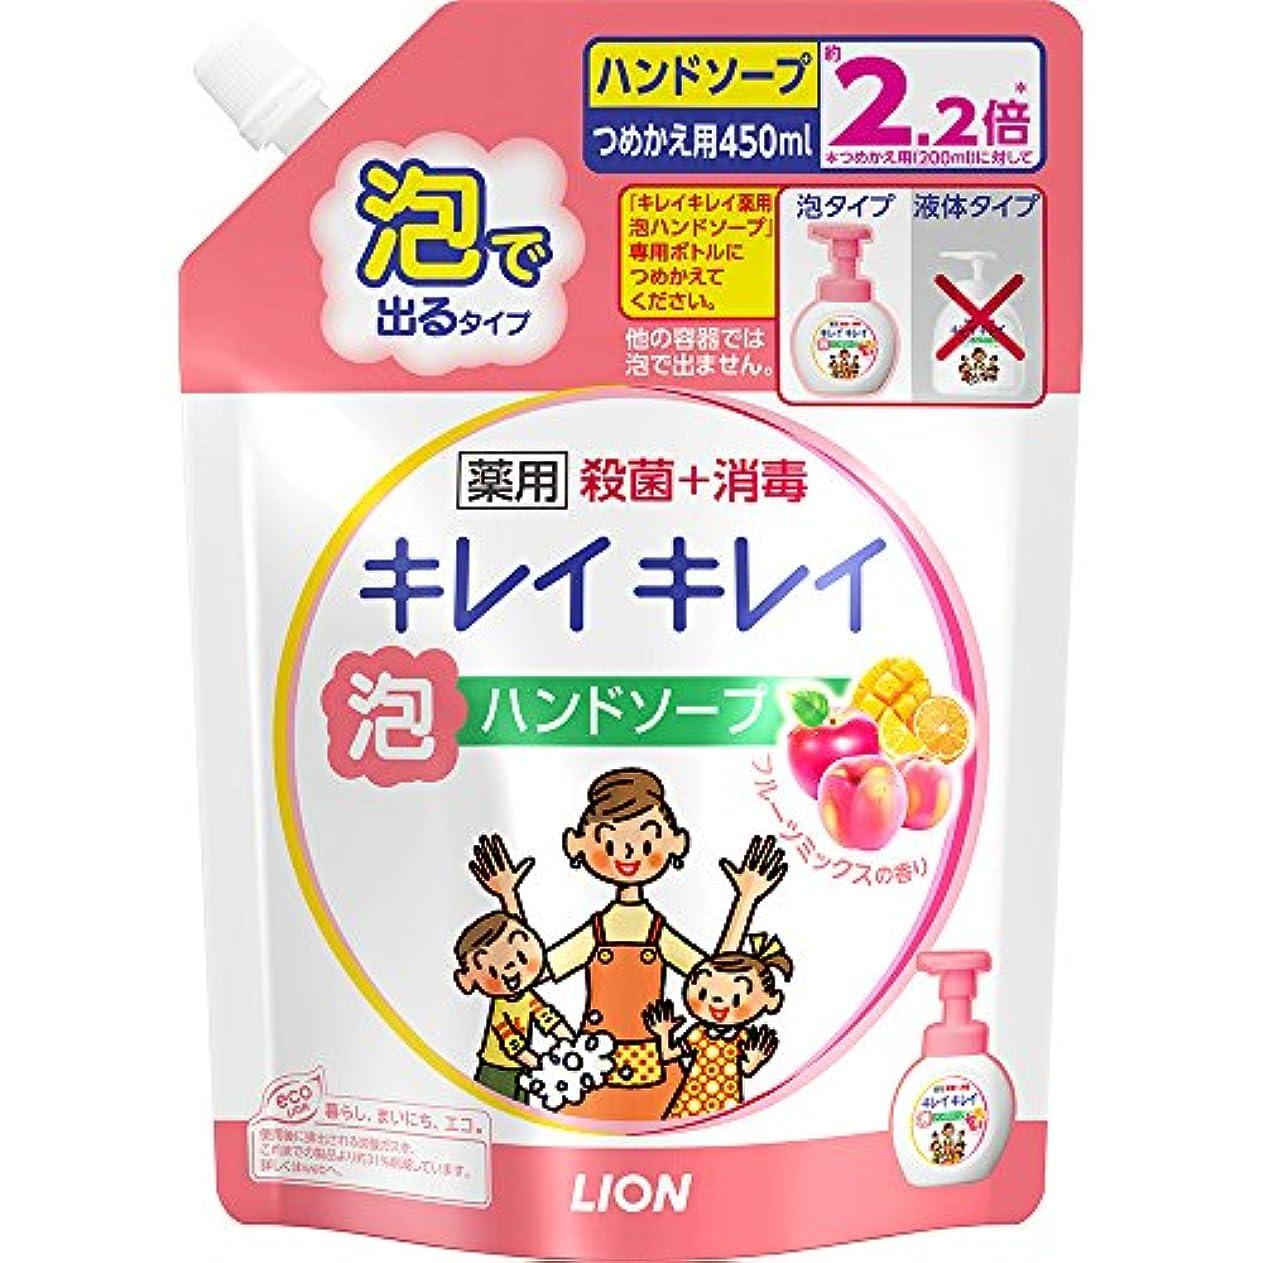 サイレンピューコインキレイキレイ 薬用 泡ハンドソープ フルーツミックスの香り 詰め替え 450ml(医薬部外品)